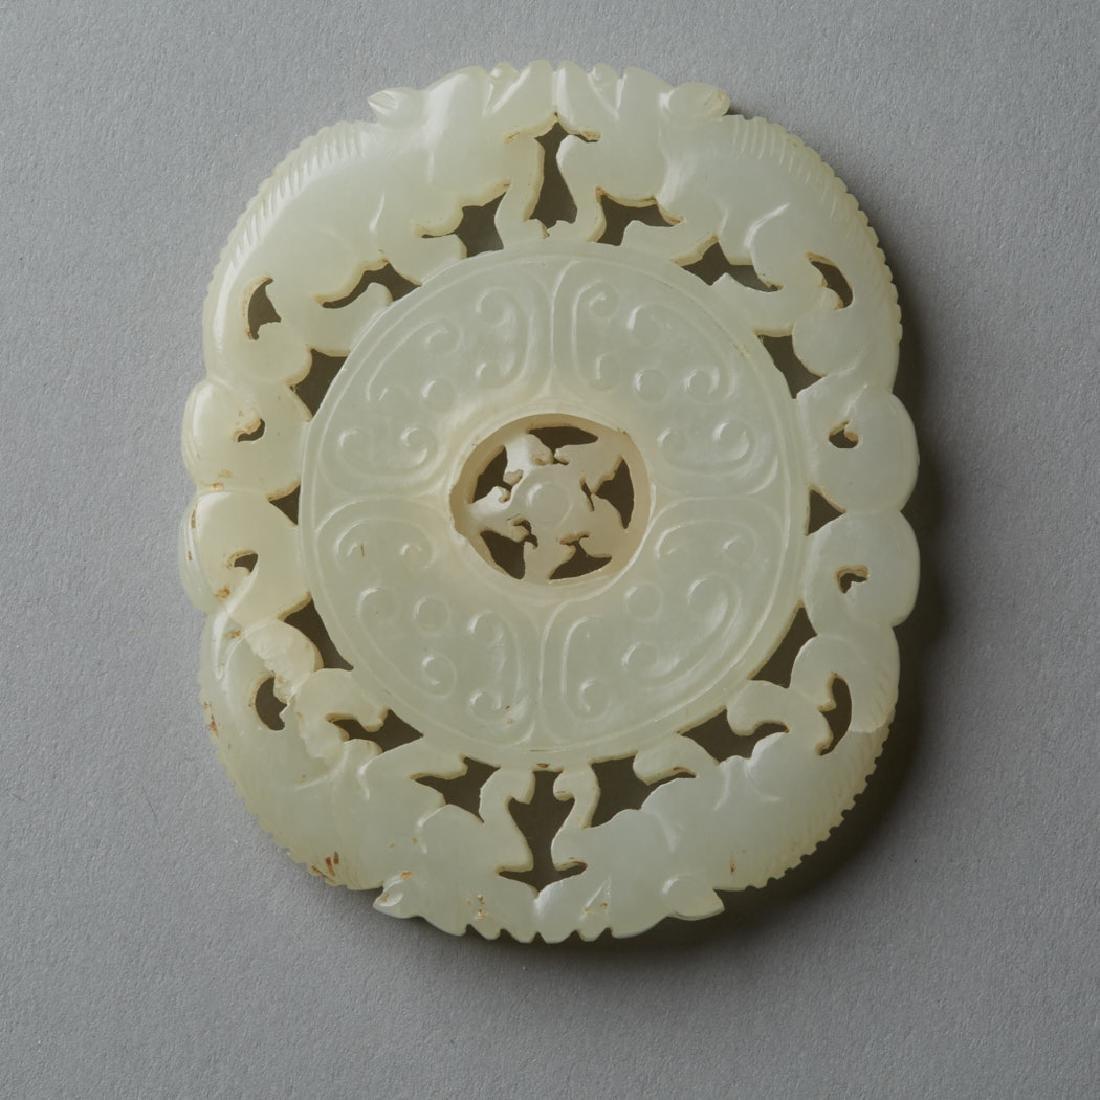 Chinese Qing Jade Buddhist Prayer Wheel Bi - BTC Acpt - 4